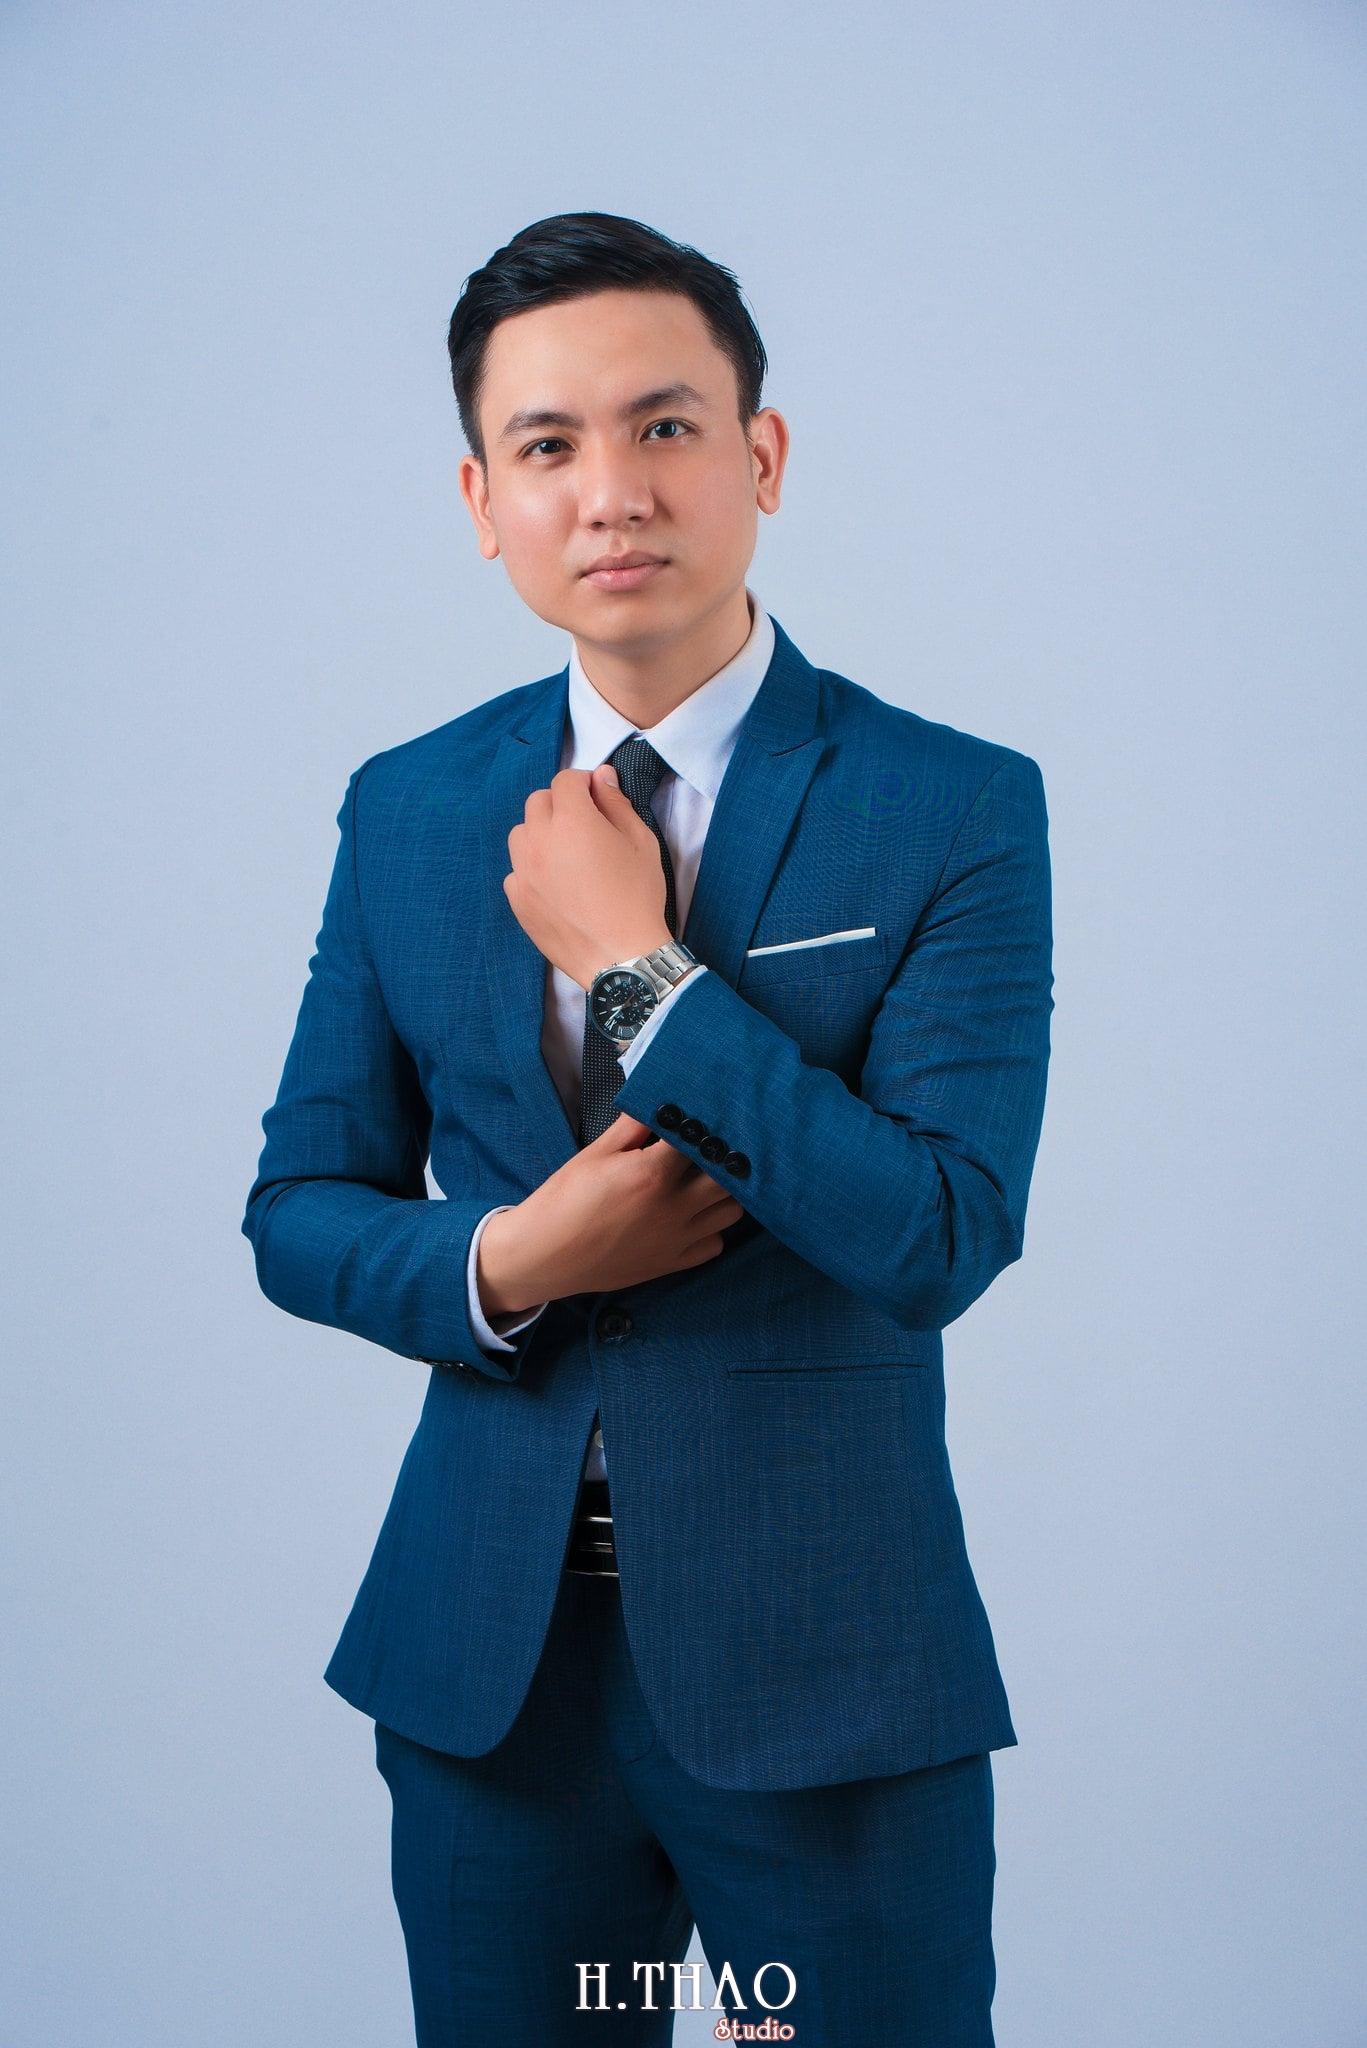 anh profile cong ty dep - HThao Studio - Chuyên chụp hình chân dung doanh nhân đẹp ở Tp.HCM